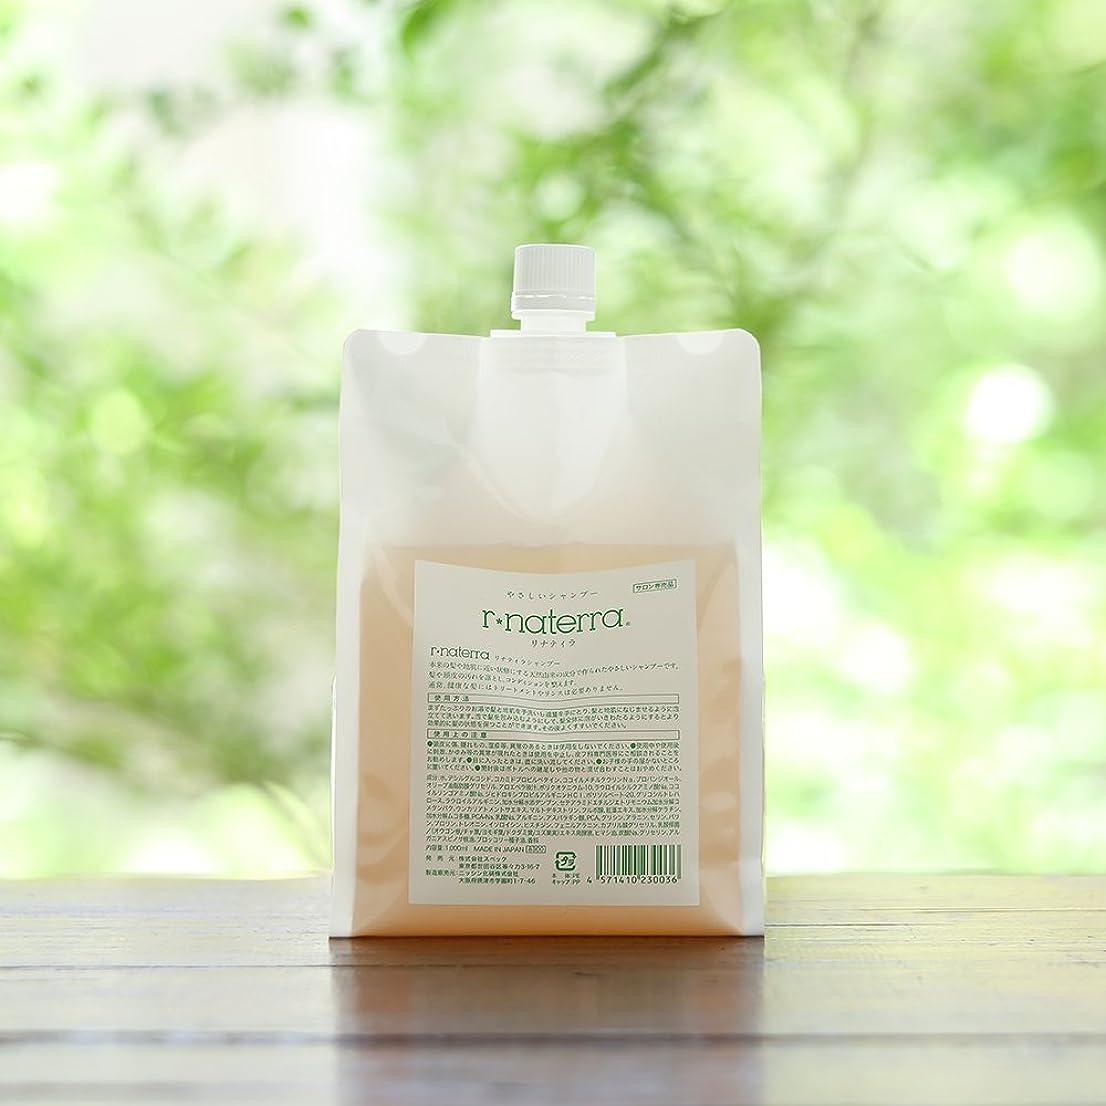 電池葡萄豊富な植物由来オールインワン自然派シャンプー リナティラ 1000ml ※フルボ酸シャンプー(ノンシリコン)